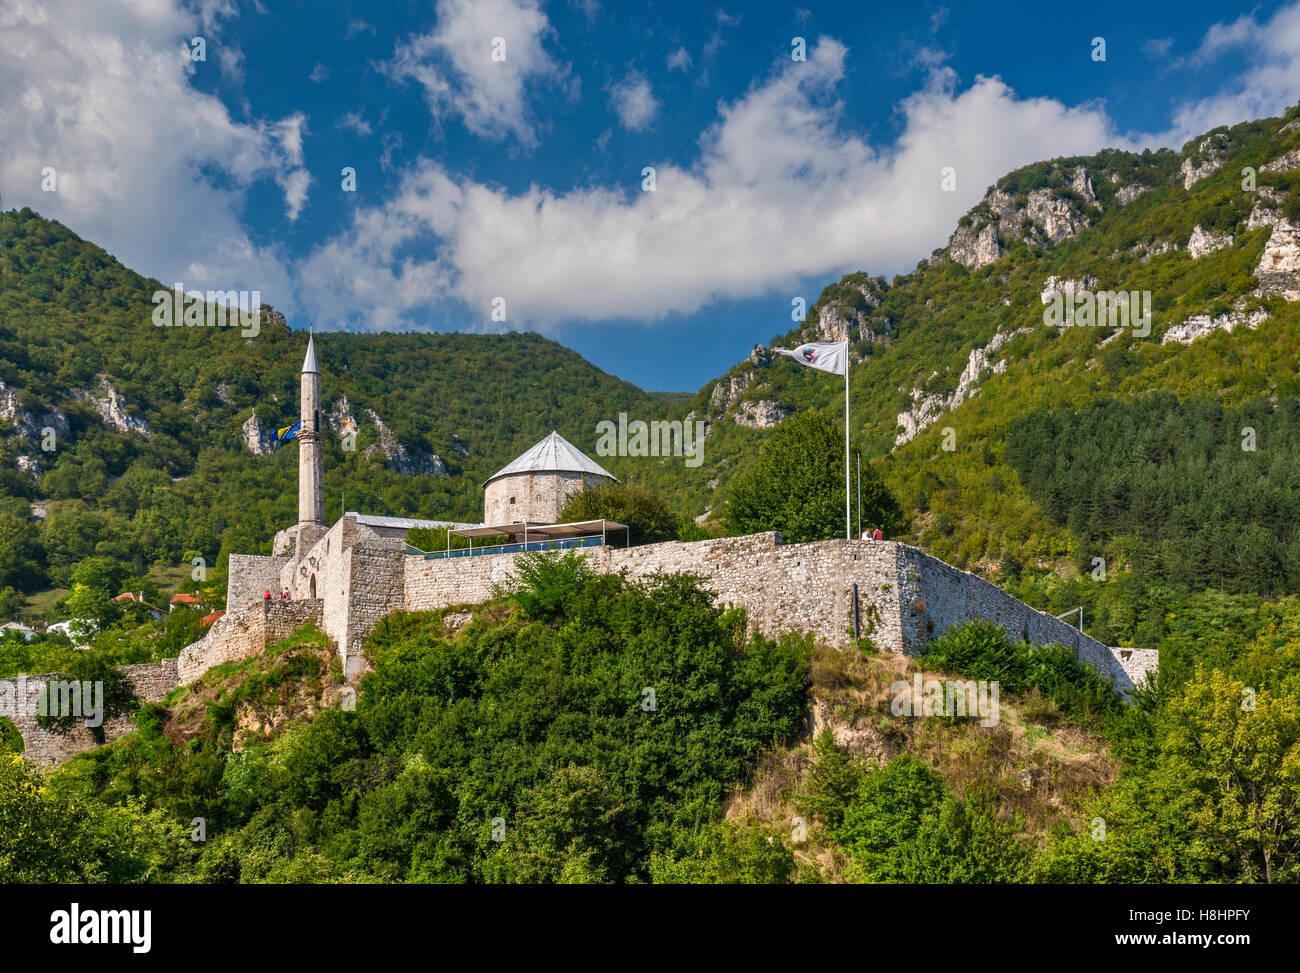 Stari Grad Fortress in Travnik, Bosnia and Herzegovina - Stock Image